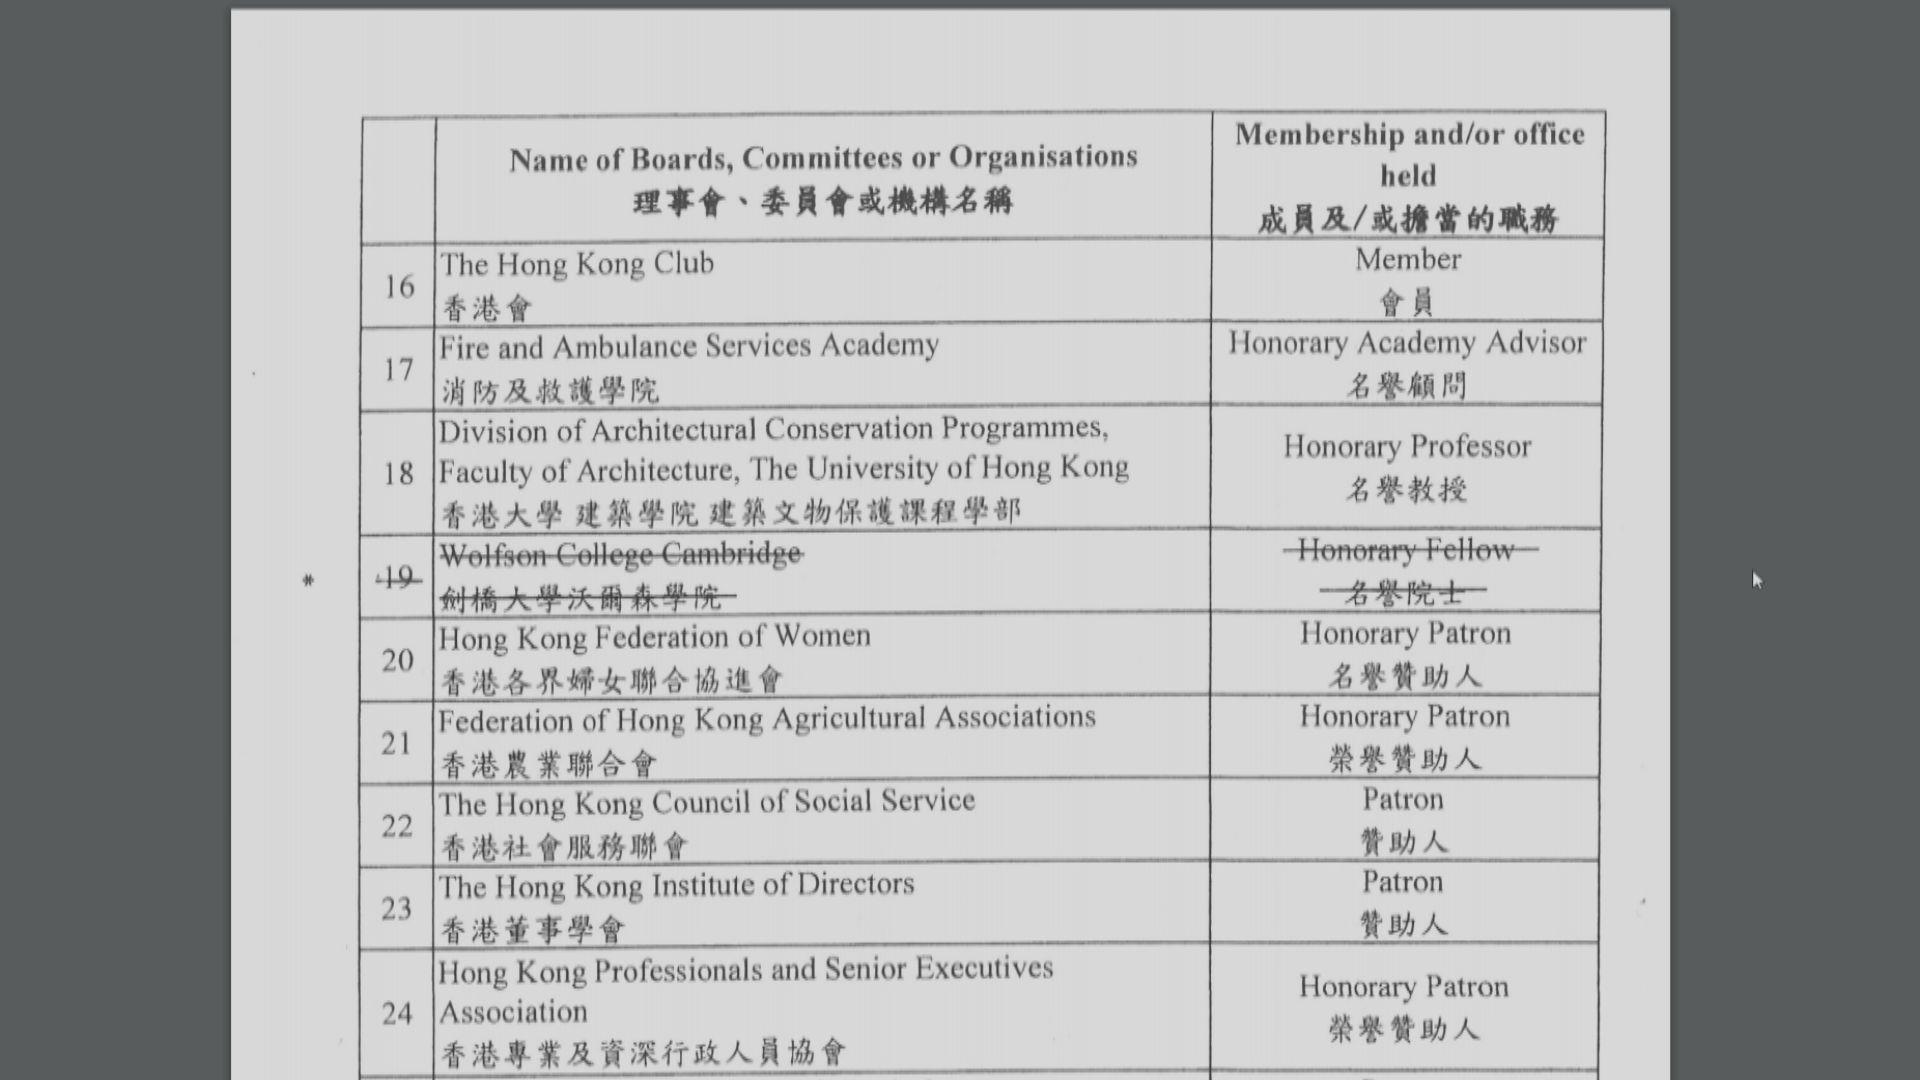 林鄭行會申報刪去劍橋大學一名譽院士頭銜